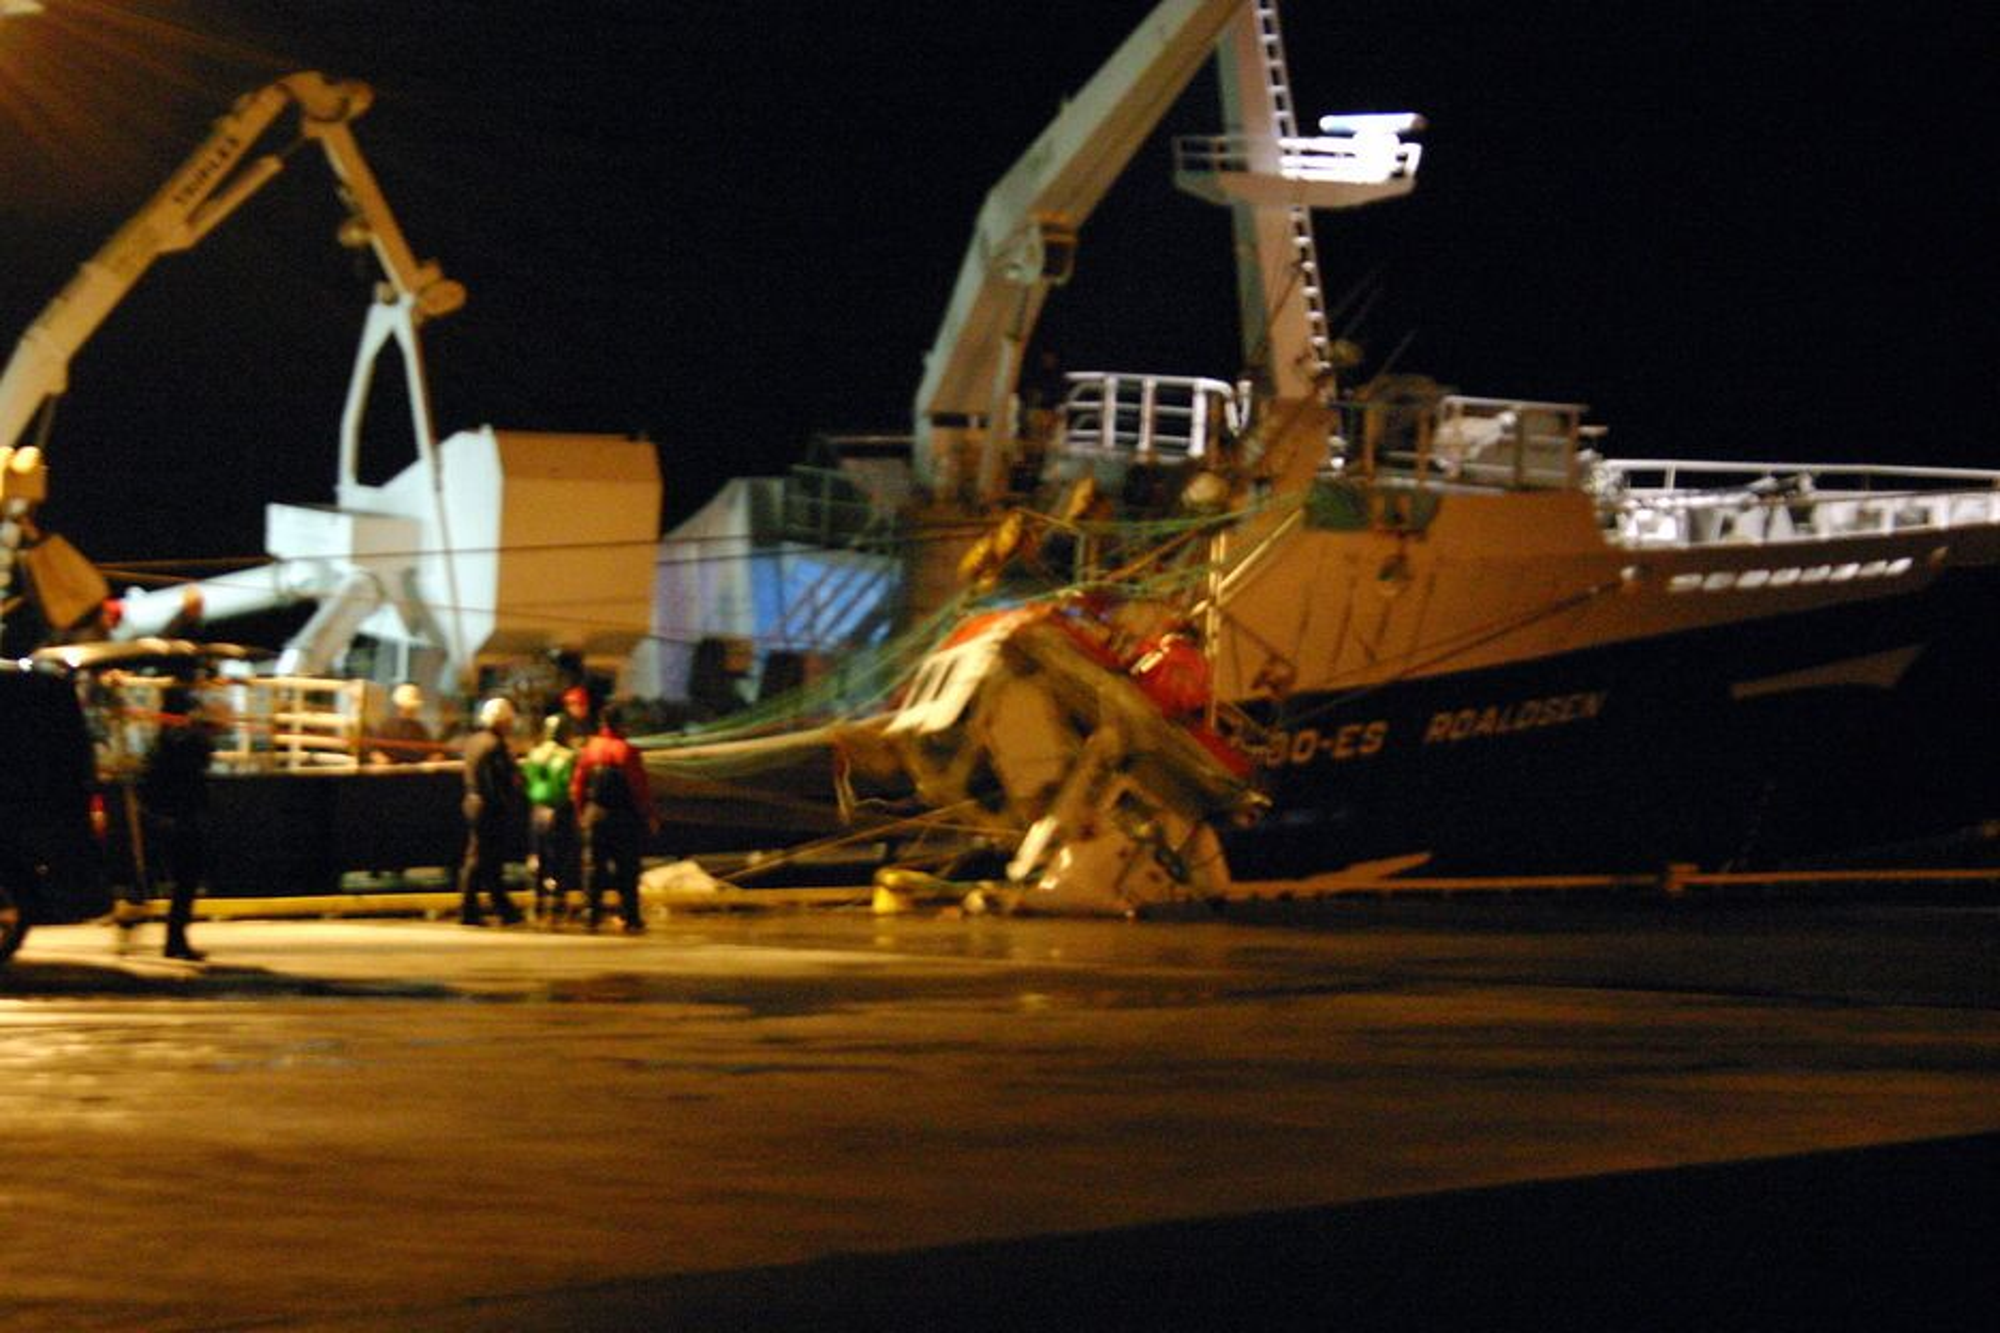 SLEPT I LAND: Ringnotbåten Roaldsen fra Egersund kom seint tirsdag kveld inn til Skjæret ved Harøysund i Romsdal med den forliste fiskesjarken ved siden.